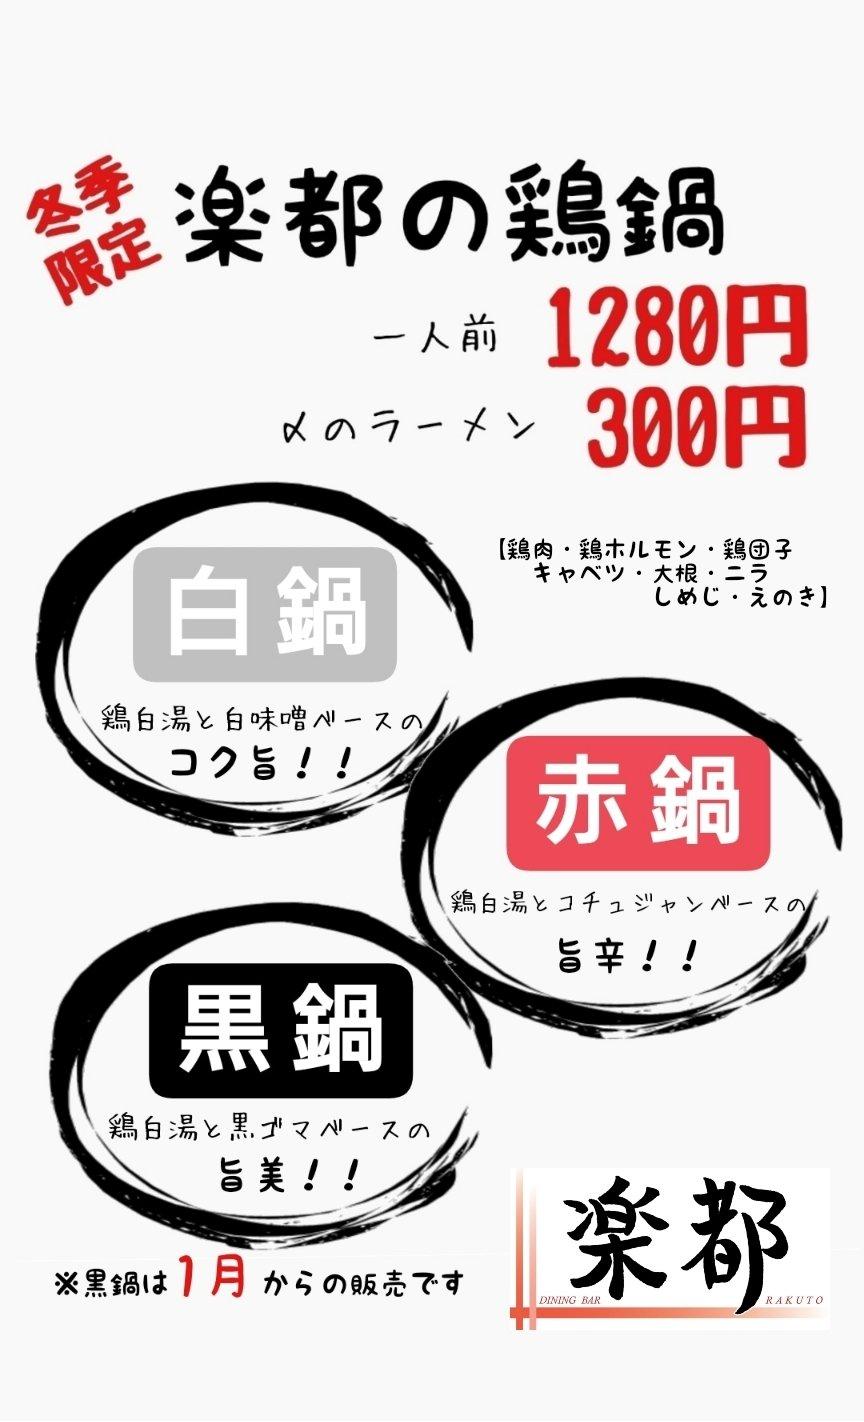 【楽都】シフト【11/27~12/3マデ】【ダイニングバー楽都】